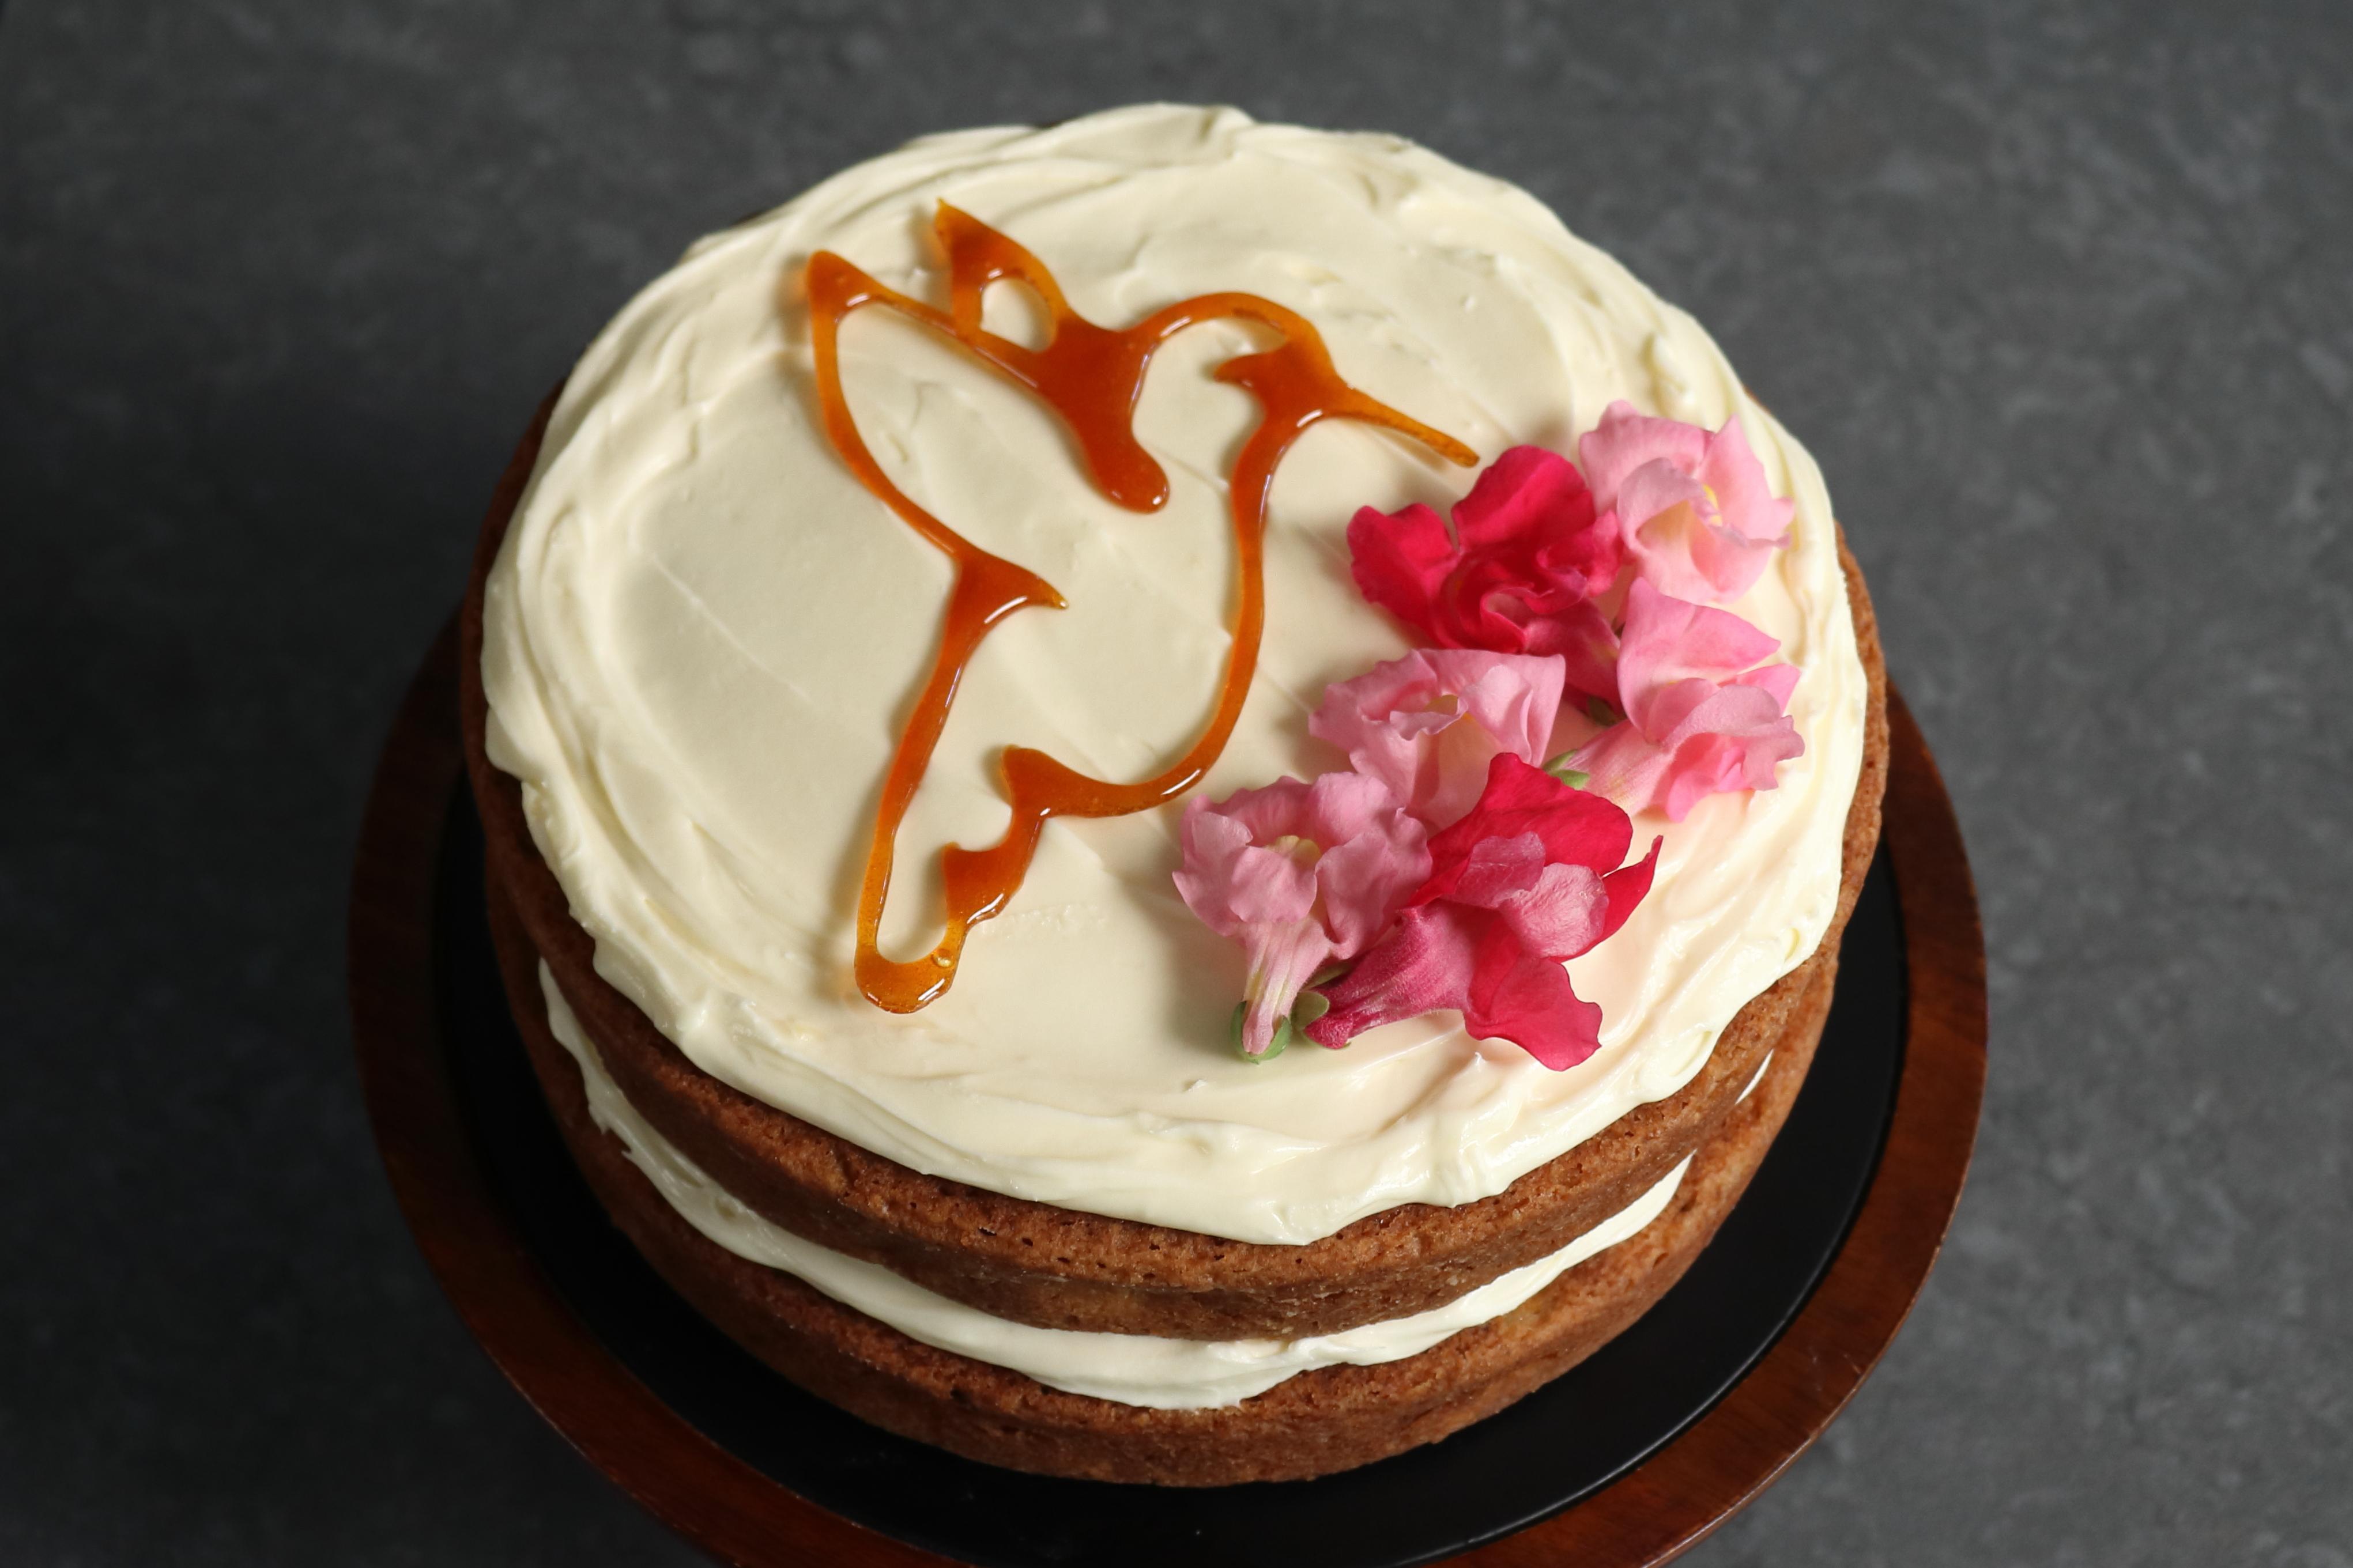 Chef John's Hummingbird Cake